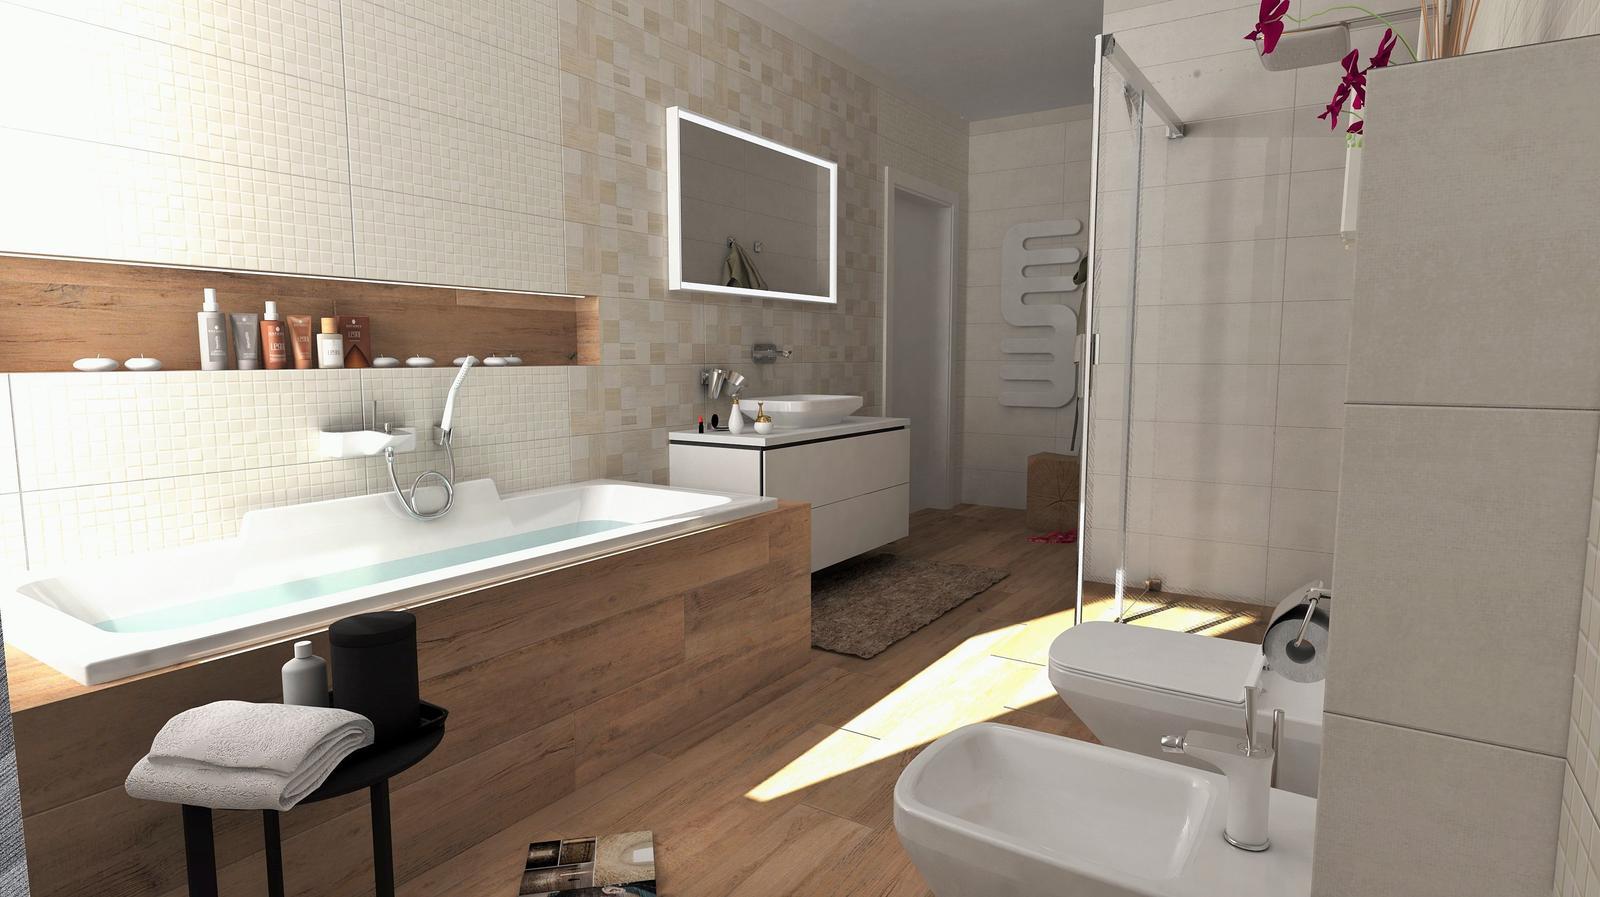 Vizualizácie kúpeľní - Obrázok č. 34